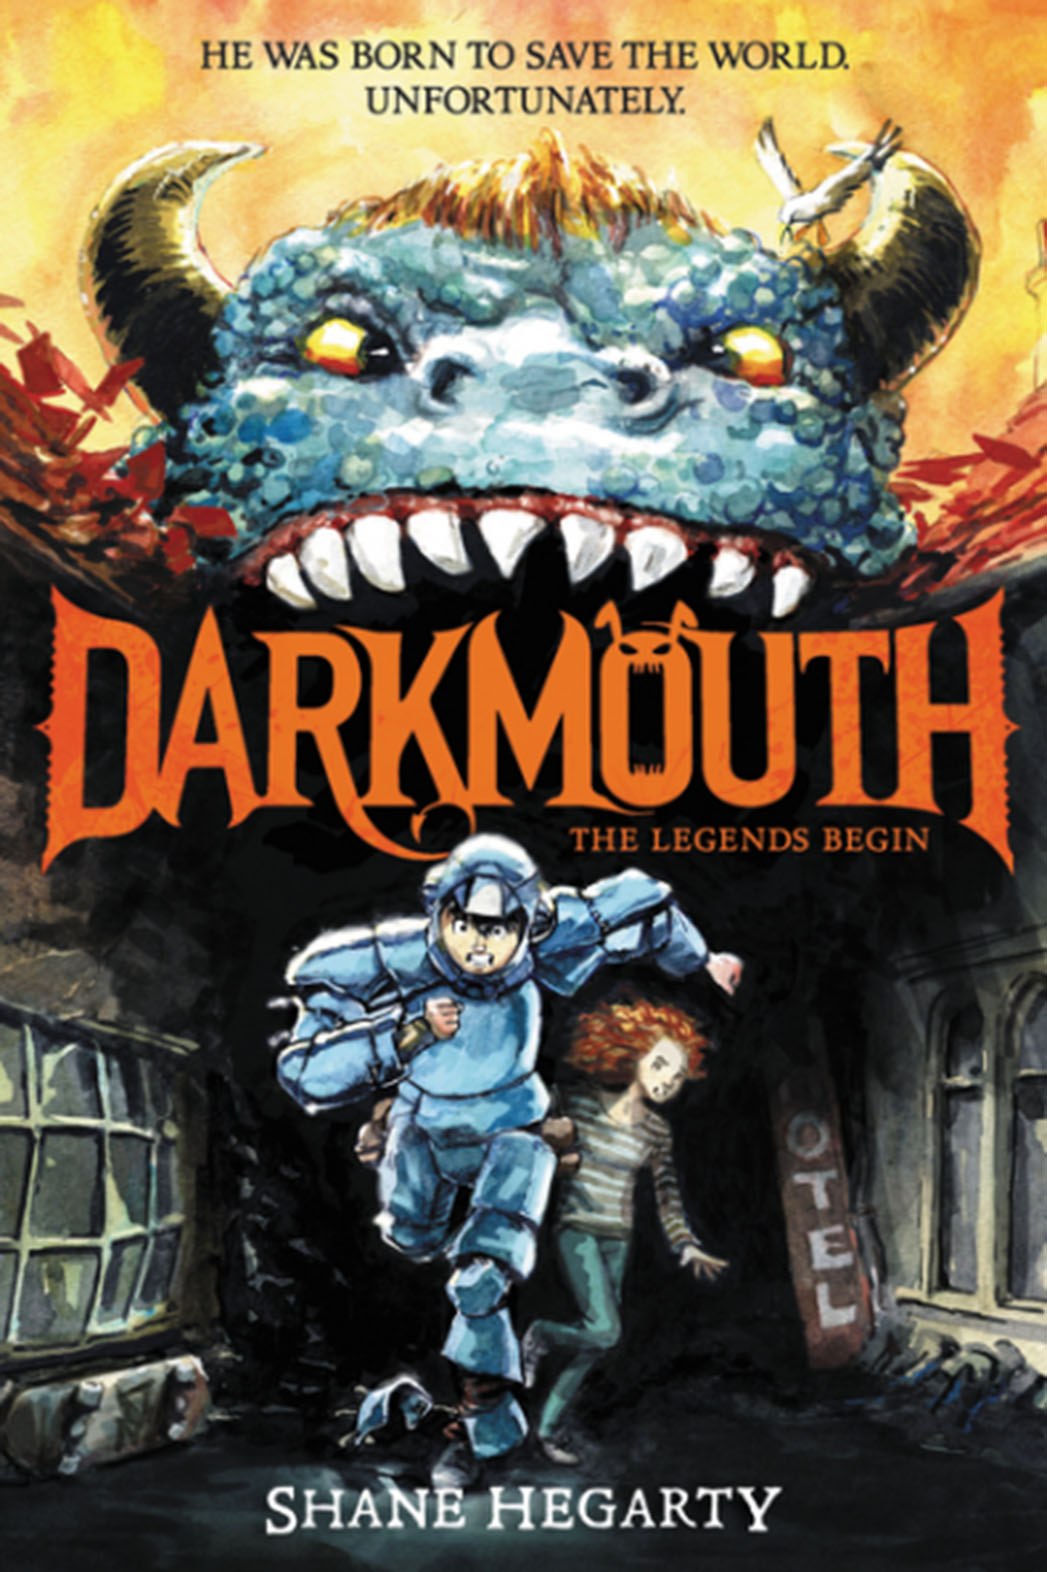 Darkmouth tendrá una adaptación animada dirigida por miembros de Pixar